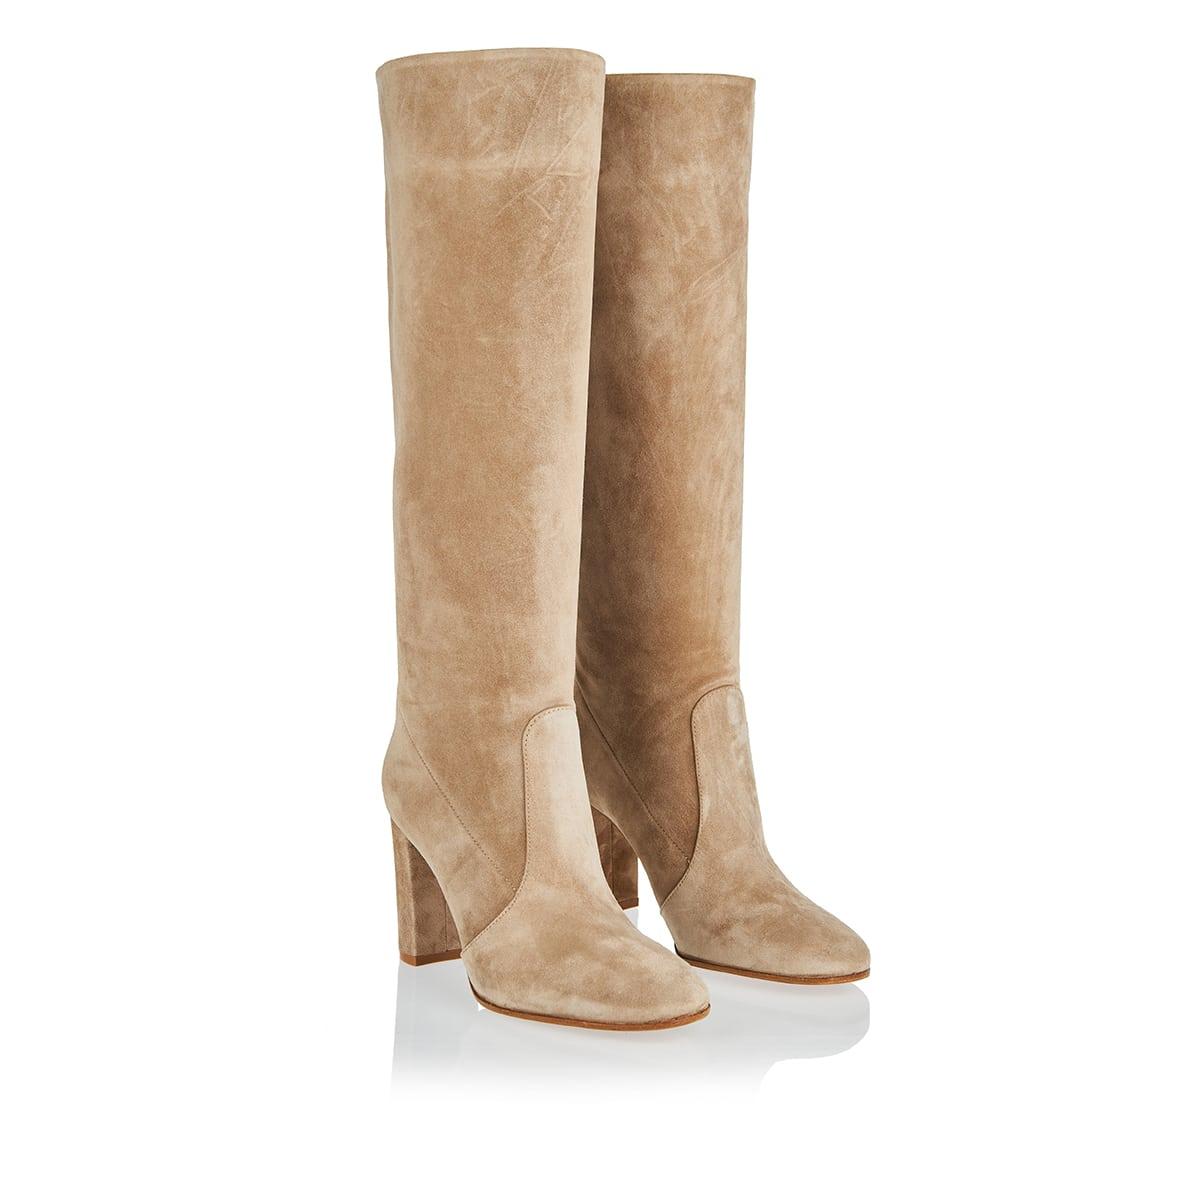 Glen knee-high suede boots